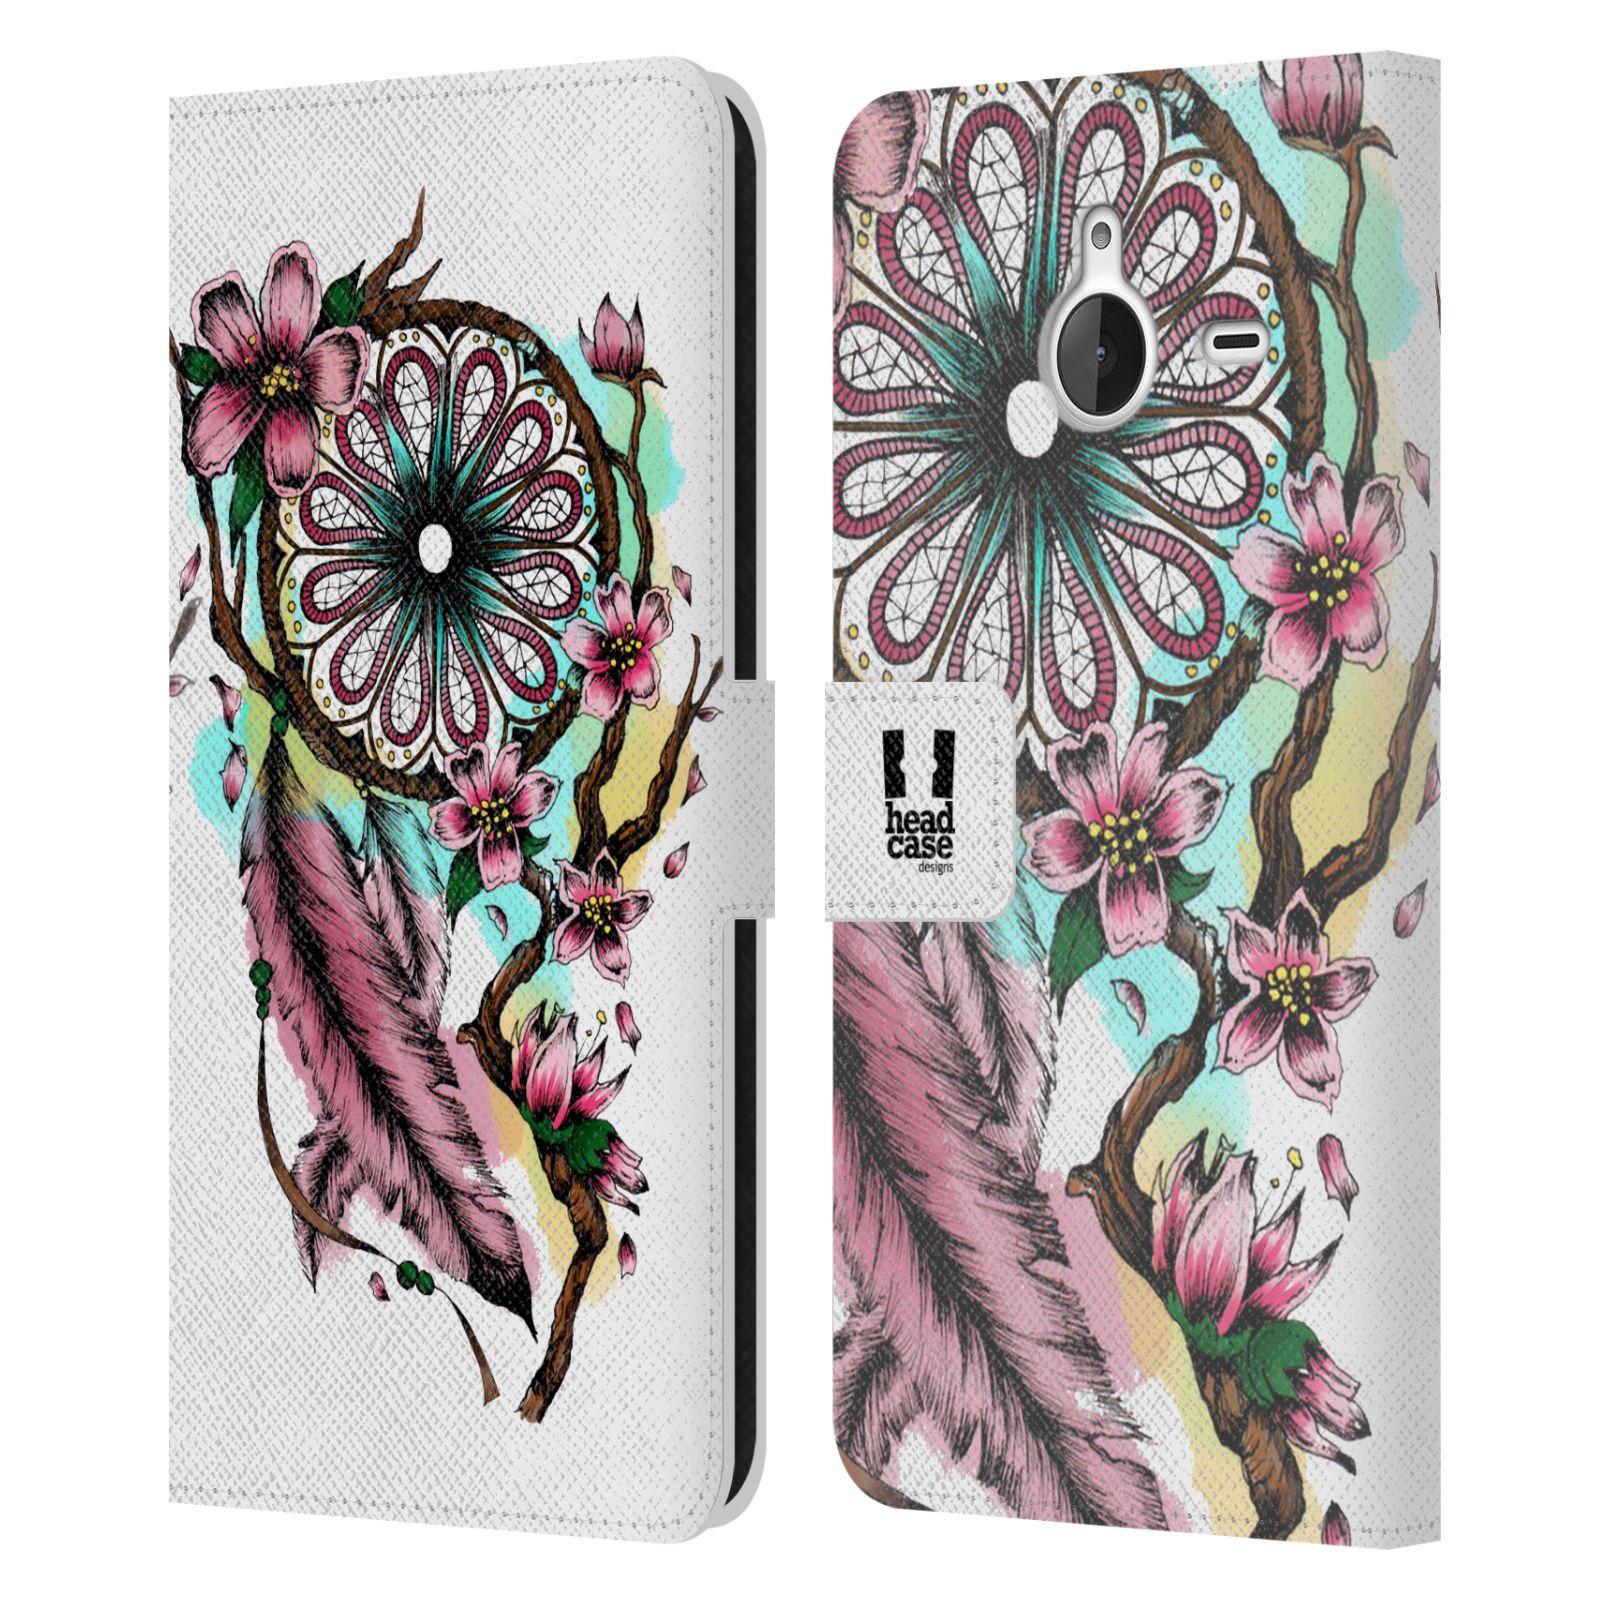 Pouzdro na mobil Nokia Lumia 640 XL - Head Case - Lapač snů květy fialová